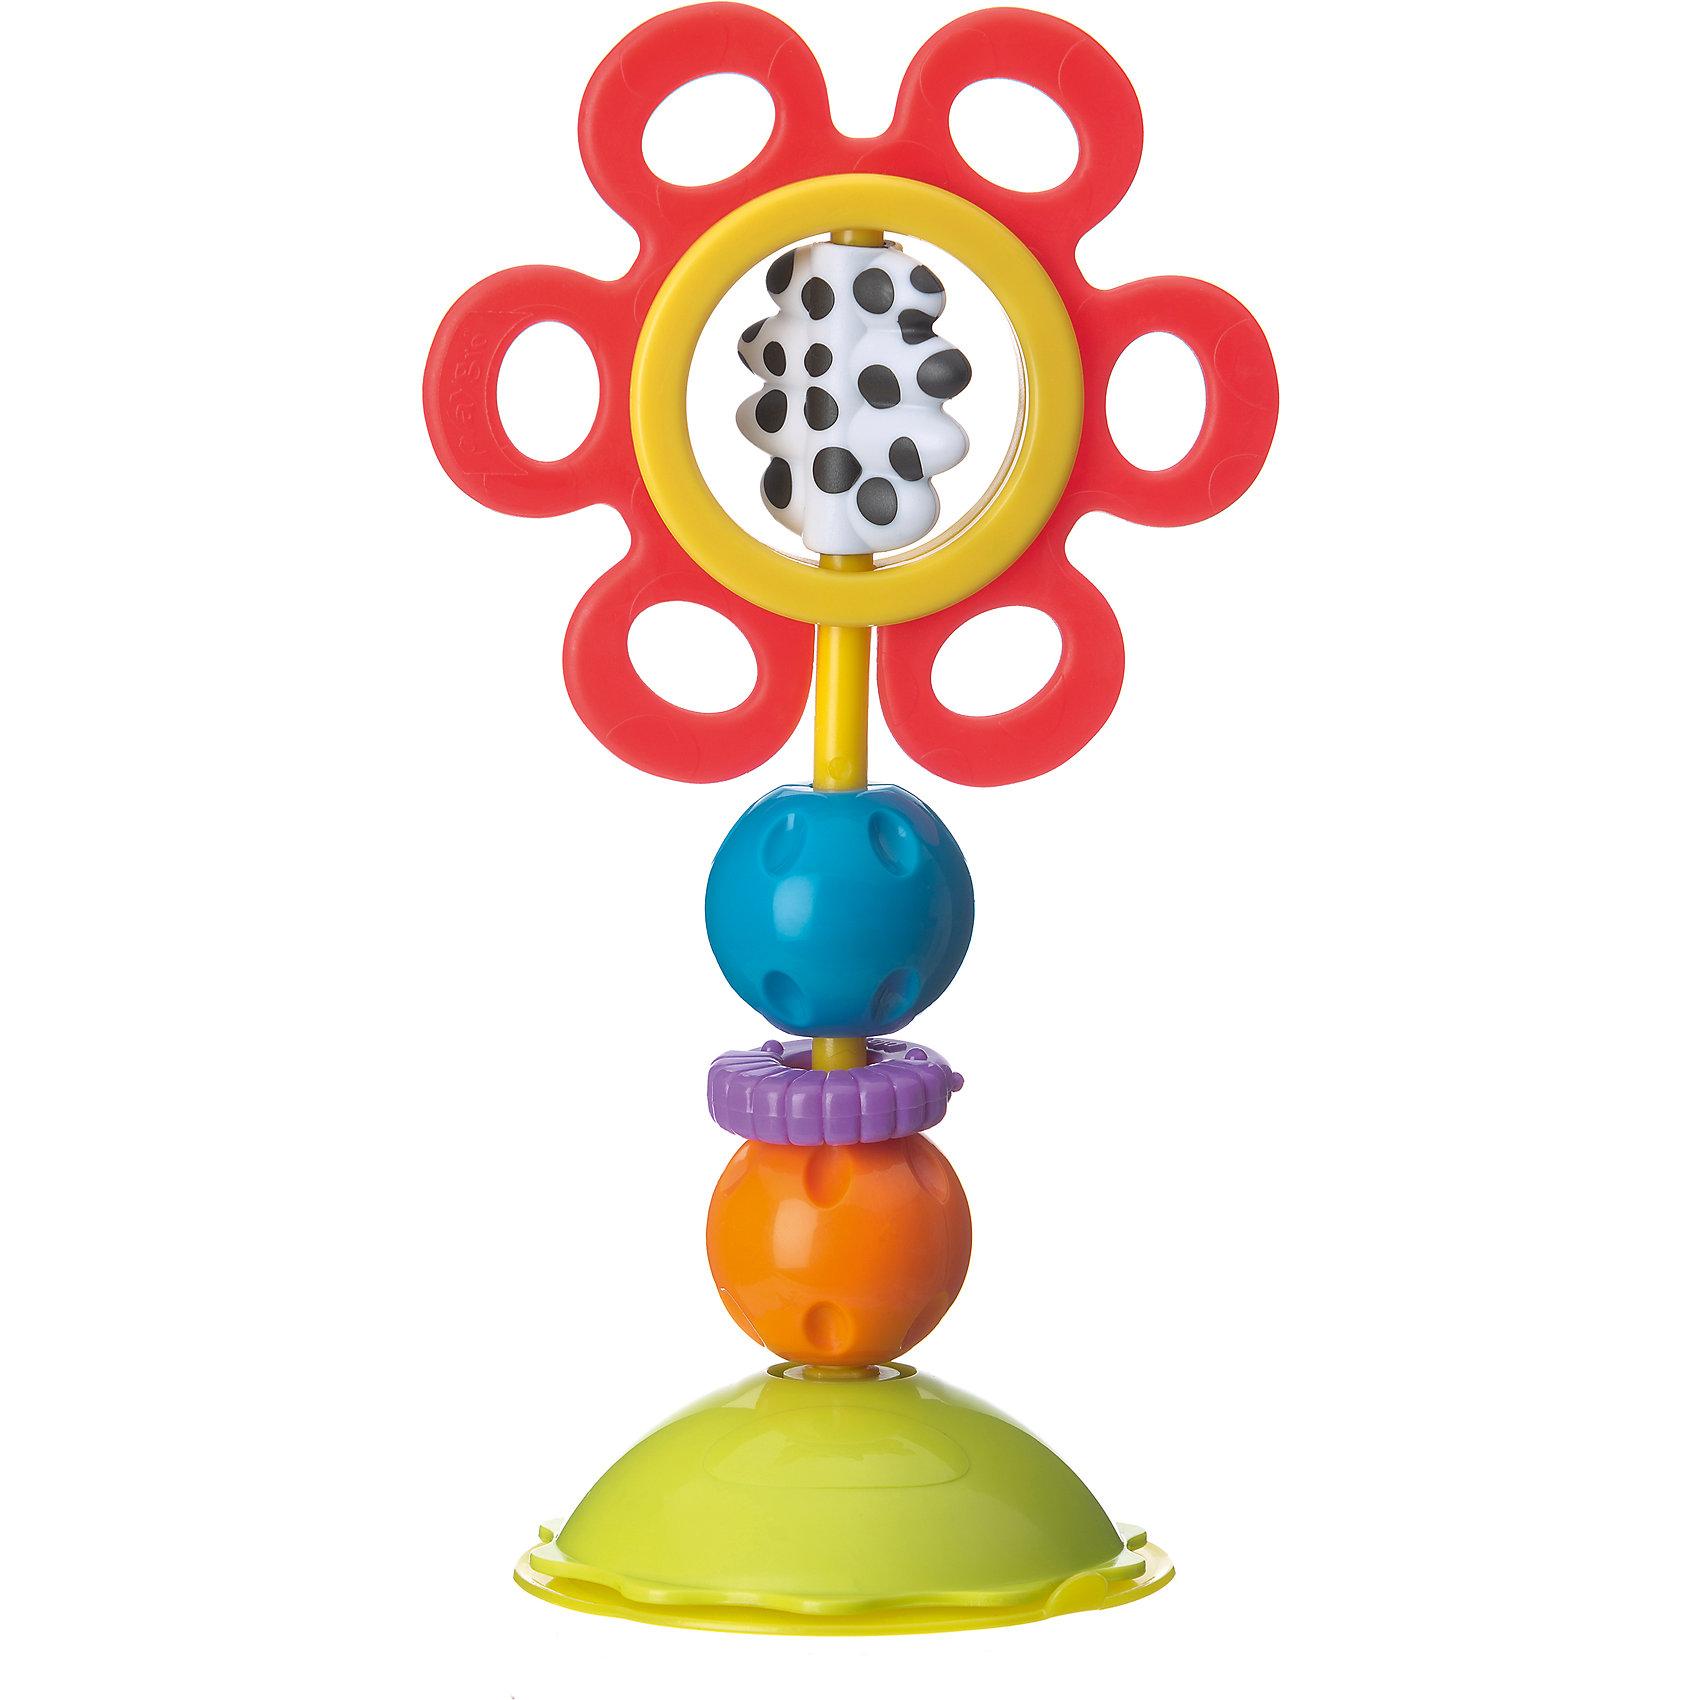 Игрушка-погремушка, PlaygroИгрушка легко и надежно крепится к ровной гладкой поверхности. Красный цветок вращается при малейшем прикосновении, изготовлен из мягкого пластика, в период прорезывания зубов малыши с радостью будут грызть его лепестки. Сердцевина выполнена из контрастных черно-белых цветов, представляет собой отдельный элемент, который тоже можно вращать. Разноцветные шарики можно вращать, при этом они издают веселые щелкающие звуки. Фиолетовое кольцо с рифленой поверхностью легко крутится вокруг основания. Игрушка способствует развитию тактильных ощущений, визуального и слухового восприятия, моторики, когнитивных навыков.<br><br>Ширина мм: 160<br>Глубина мм: 100<br>Высота мм: 265<br>Вес г: 198<br>Возраст от месяцев: 0<br>Возраст до месяцев: 12<br>Пол: Унисекс<br>Возраст: Детский<br>SKU: 4440497